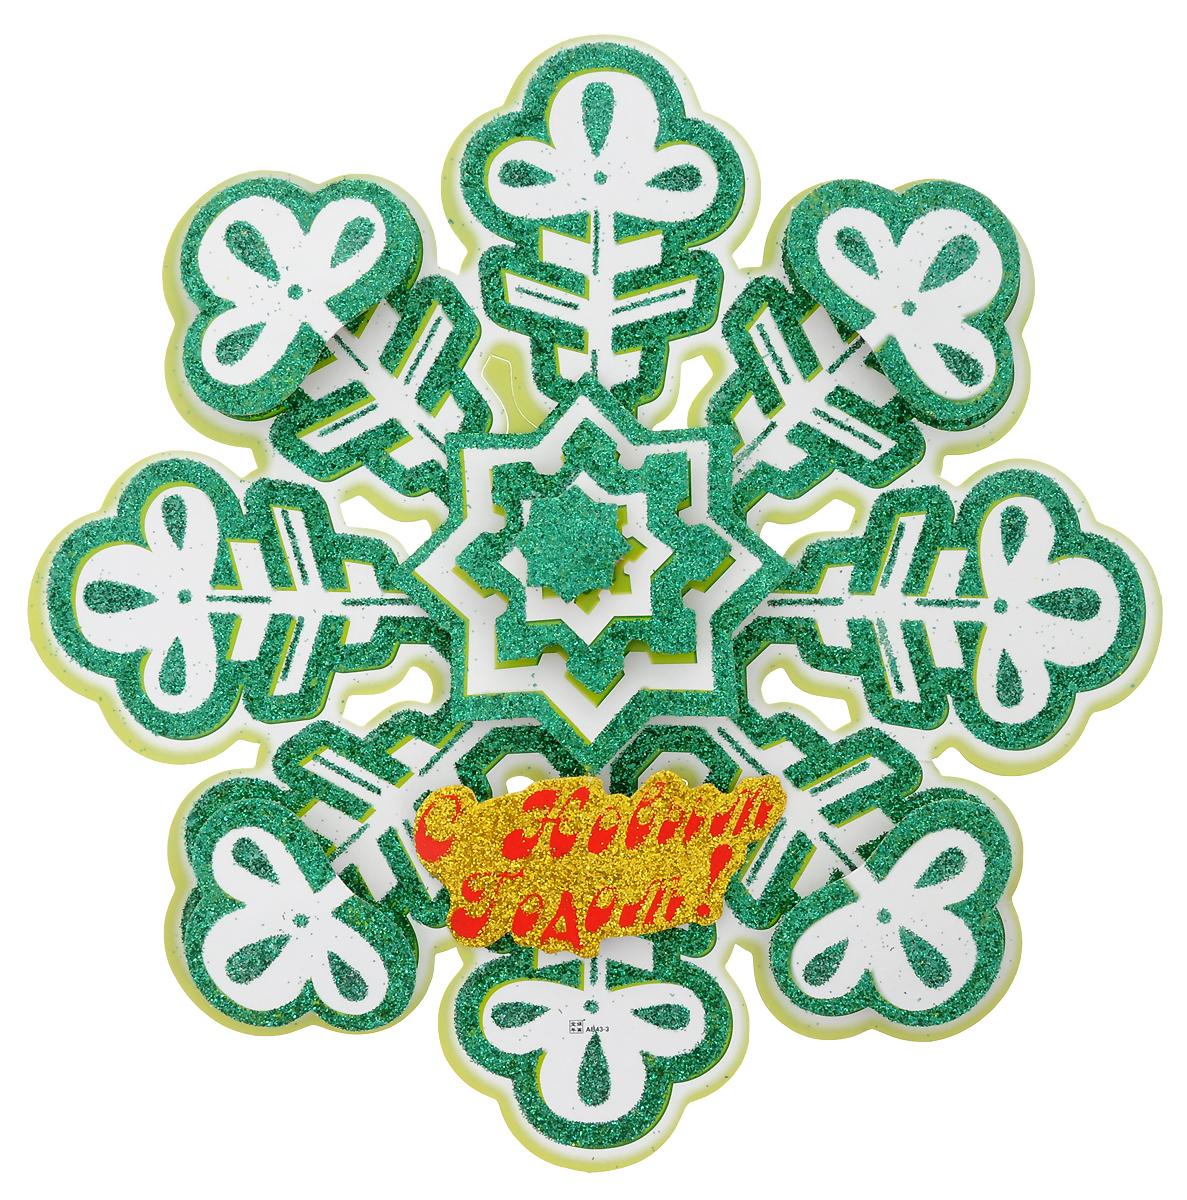 Украшение новогоднее настенное Winter Wings Снежинка, цвет: зеленый, белый, диаметр 30 см, 2 штN09105_зеленый, белыйНастенное украшение Winter Wings Снежинка отлично подойдет для праздничного декора дома в преддверии Нового года. Изделие выполнено из картона в виде снежинки, дополнено объемными элементами и блестками. Крепится к стене при помощи двухсторонних стикеров. В комплекте 2 украшения. Вы можете прикрепить их в любое понравившееся вам место, на стены, стекла и зеркала. Новогодние украшения несут в себе волшебство и красоту праздника. Они помогут вам украсить дом к предстоящим праздникам и оживить интерьер по вашему вкусу. Создайте в доме атмосферу тепла, веселья и радости, украшая его всей семьей.